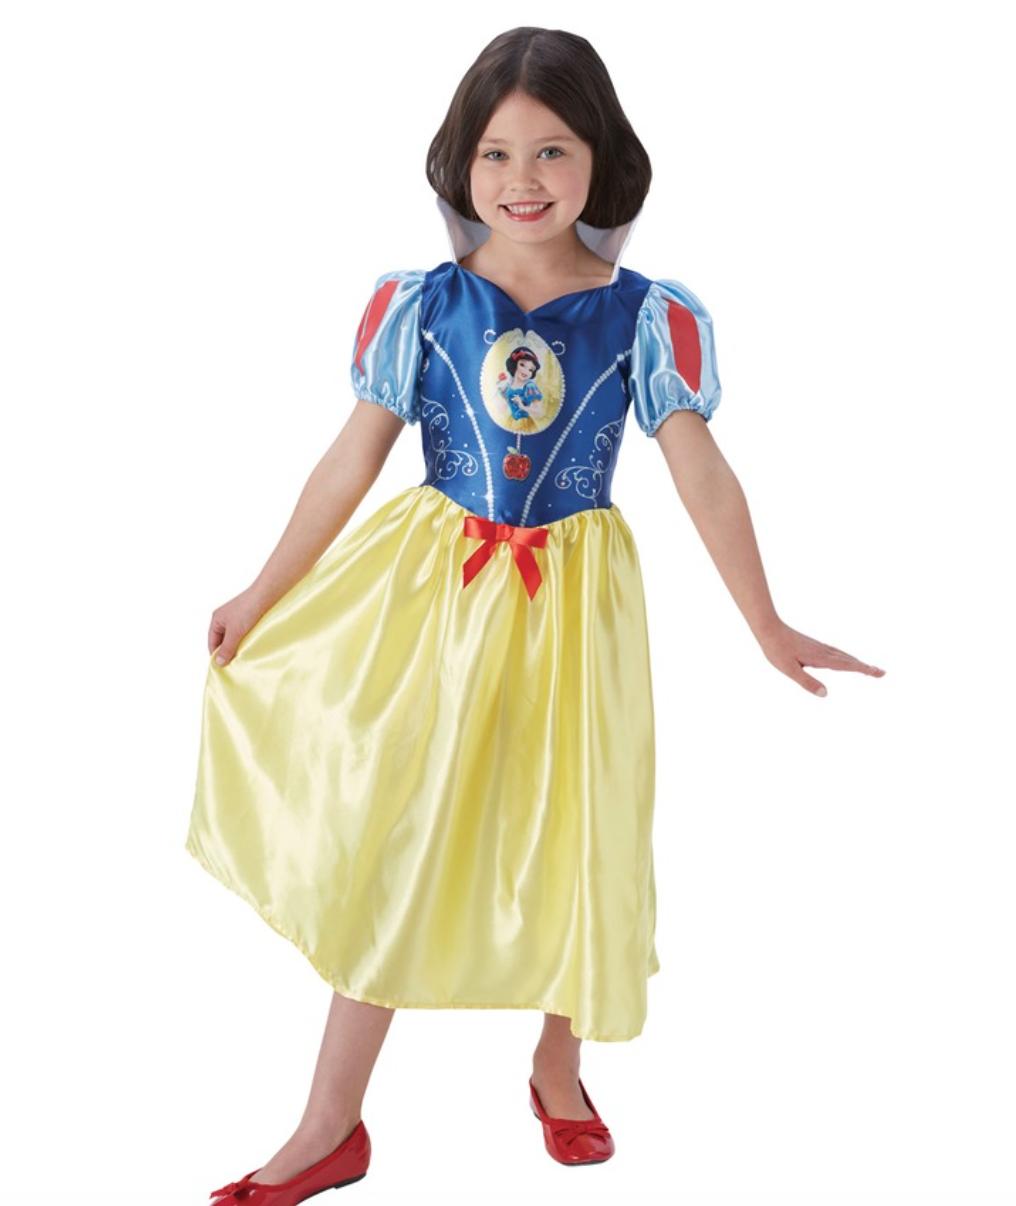 Skærmbillede 2018 09 30 kl. 12.52.46 - Disney prinsesse kostume til børn